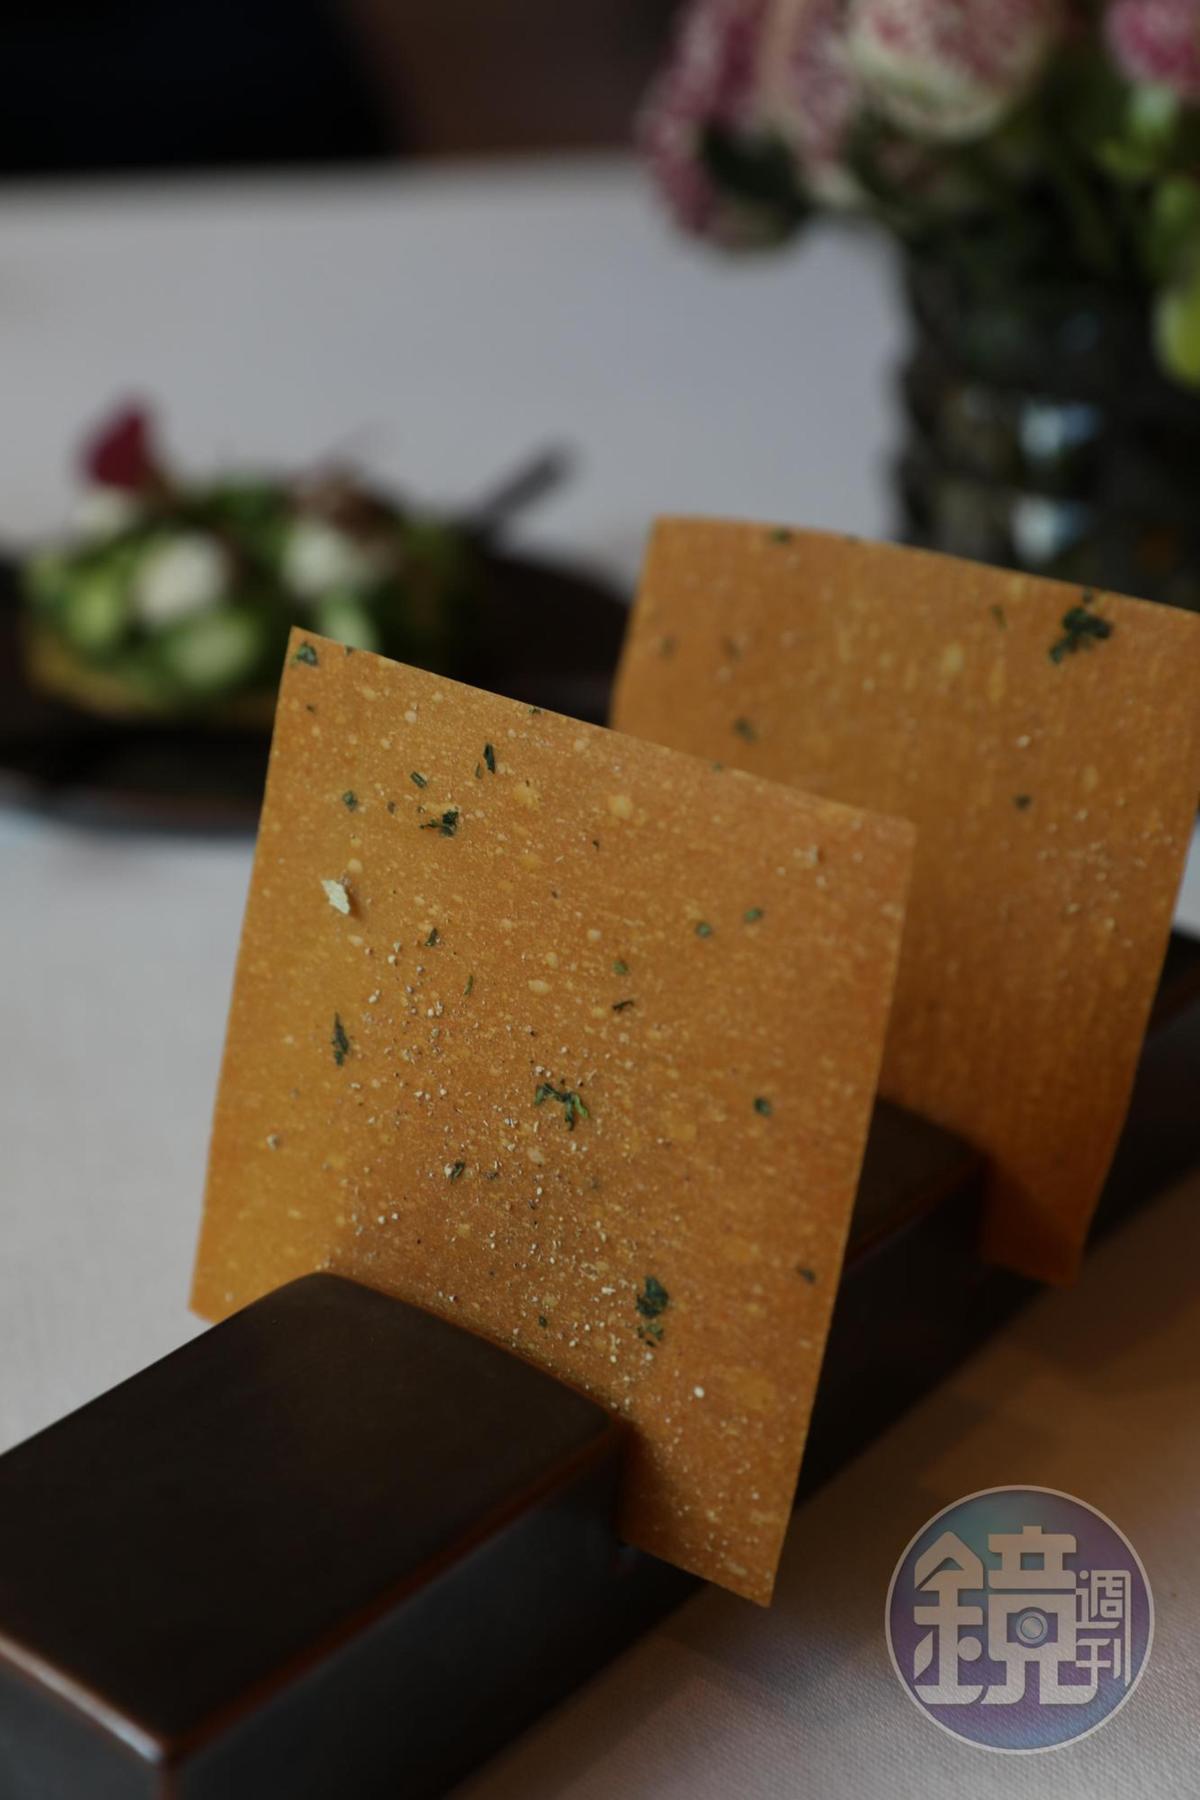 開胃小點之一的脆餅,隱藏著酸香檸檬味。(Tasting Menu菜色)